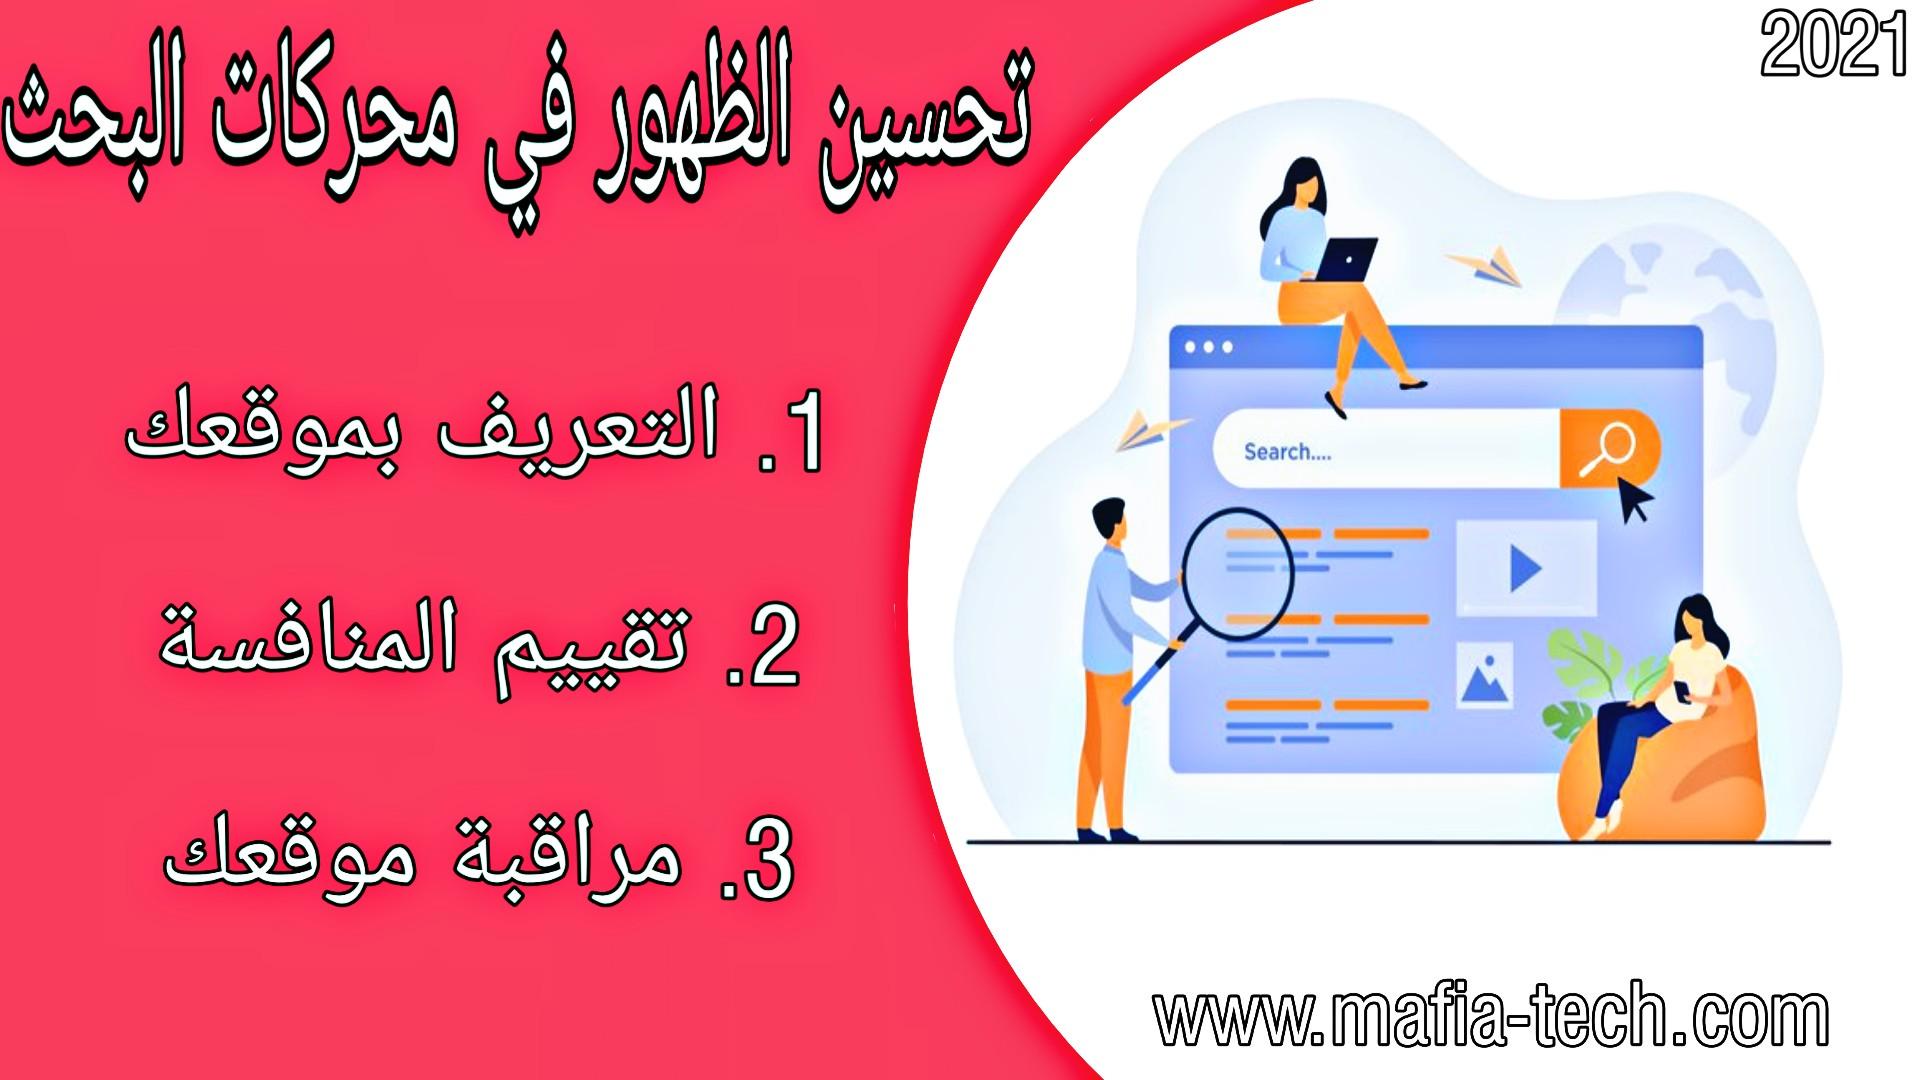 3 أساسيات فعالة لتحسين محركات البحث